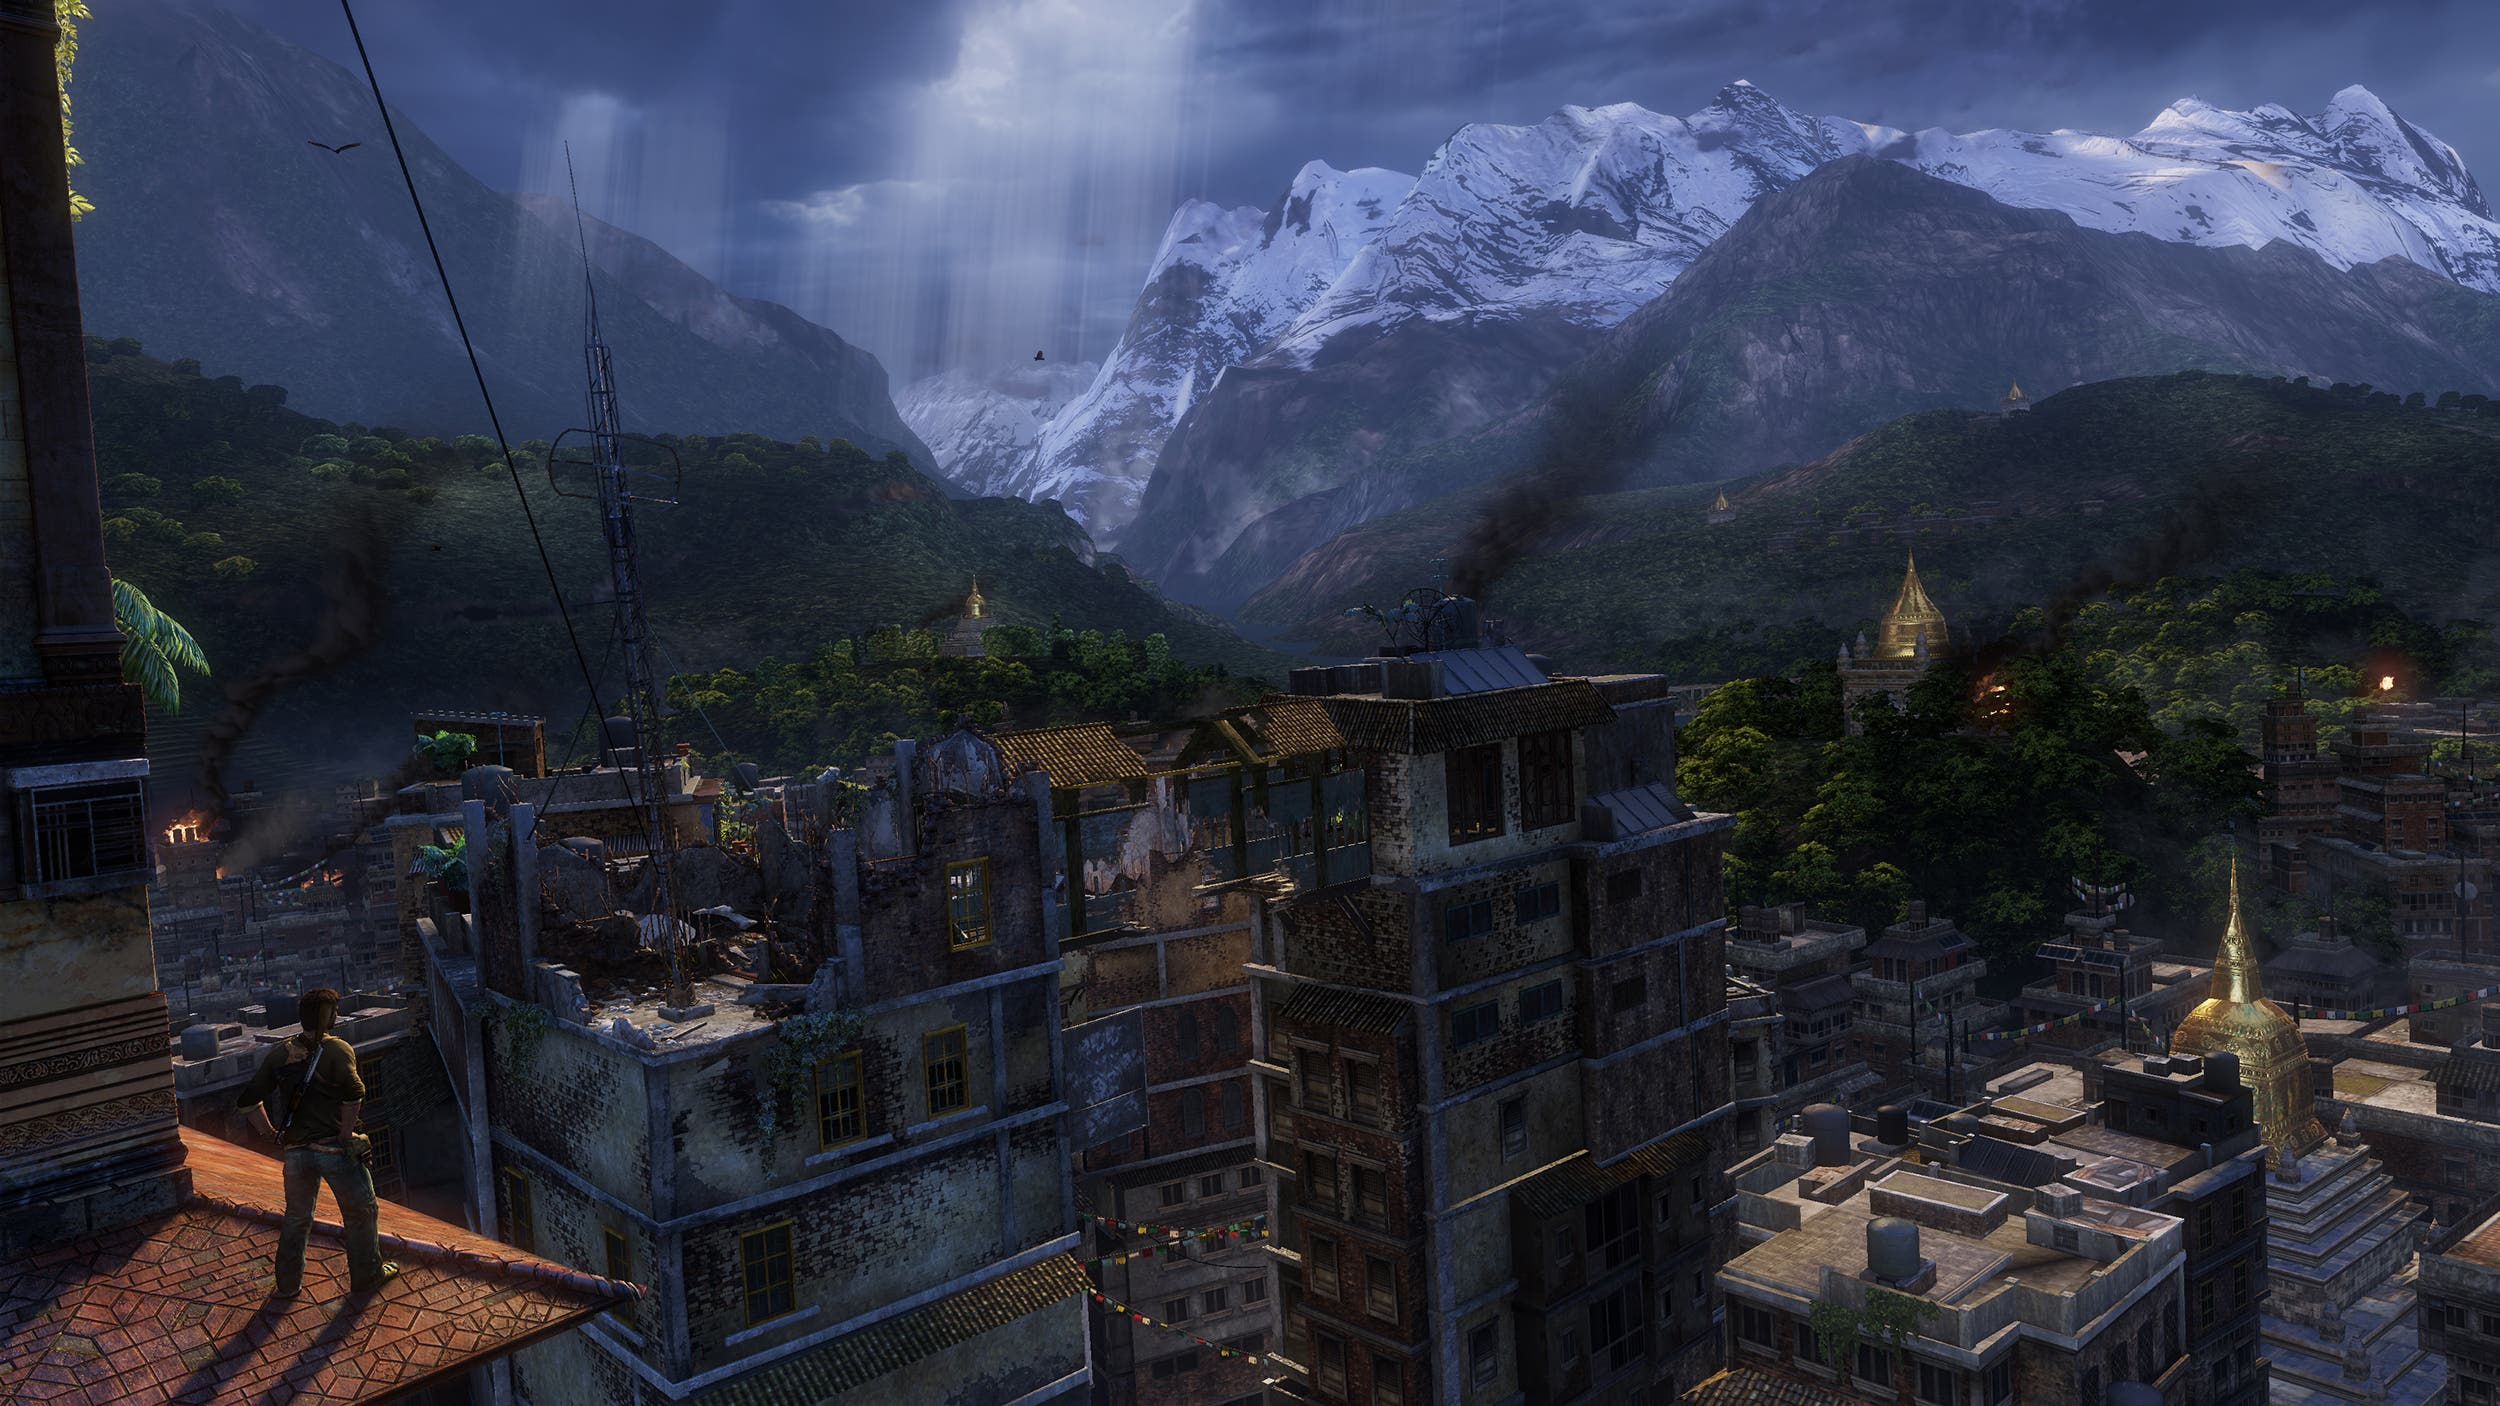 1436989161 uncharted 2 undc warzone demo city vista